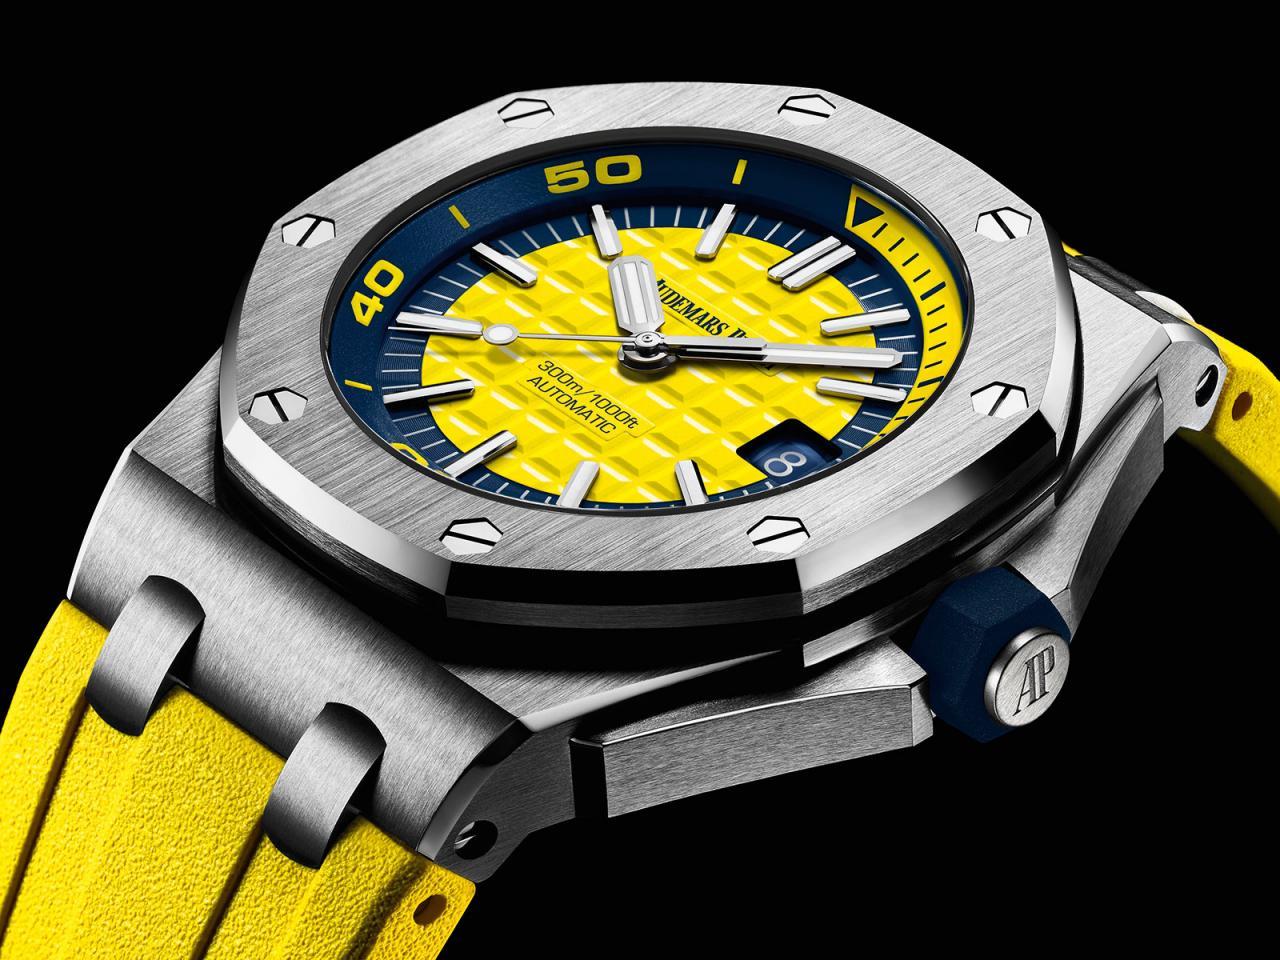 Audemars Piguet Royal Oak Offshore Diver Yellow